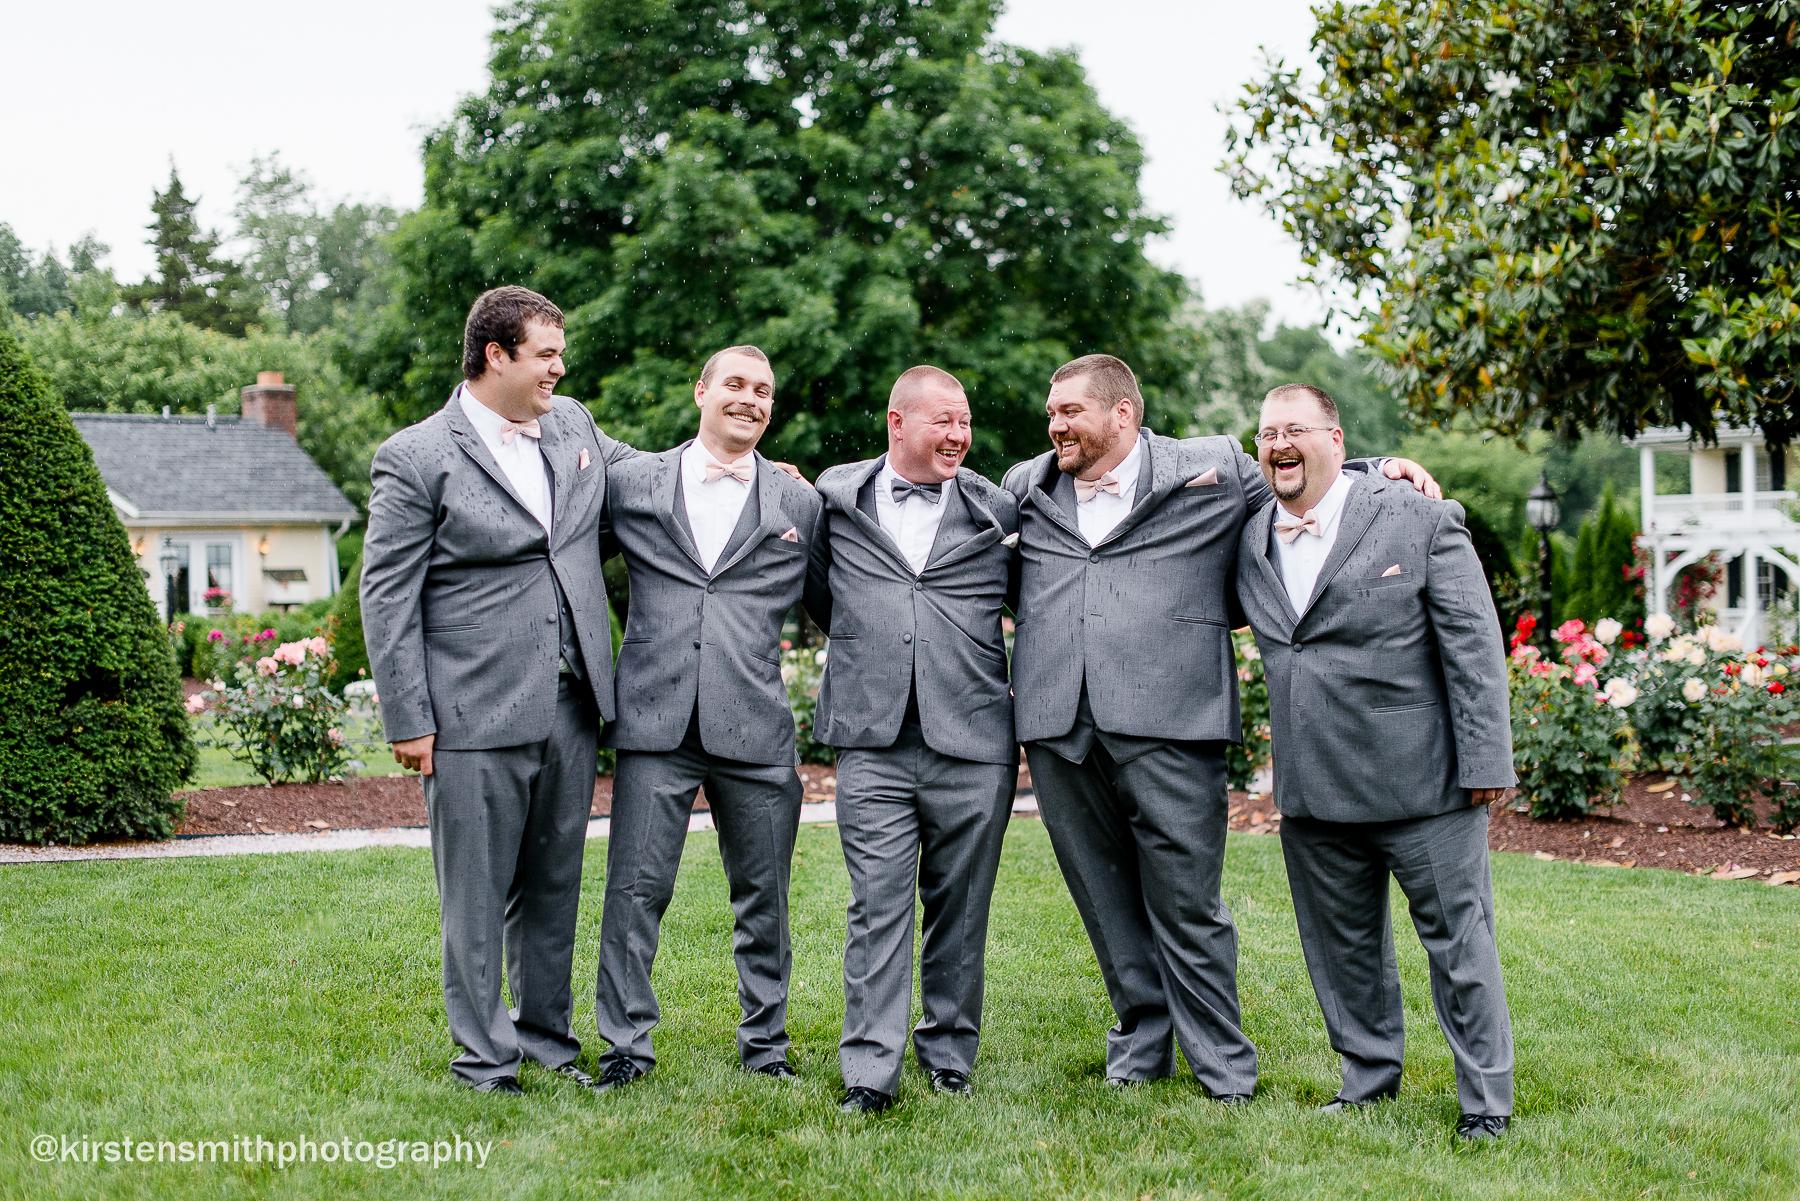 2205Kirsten-Smith-Photography-Michelle-Seth-Wedding-.jpg